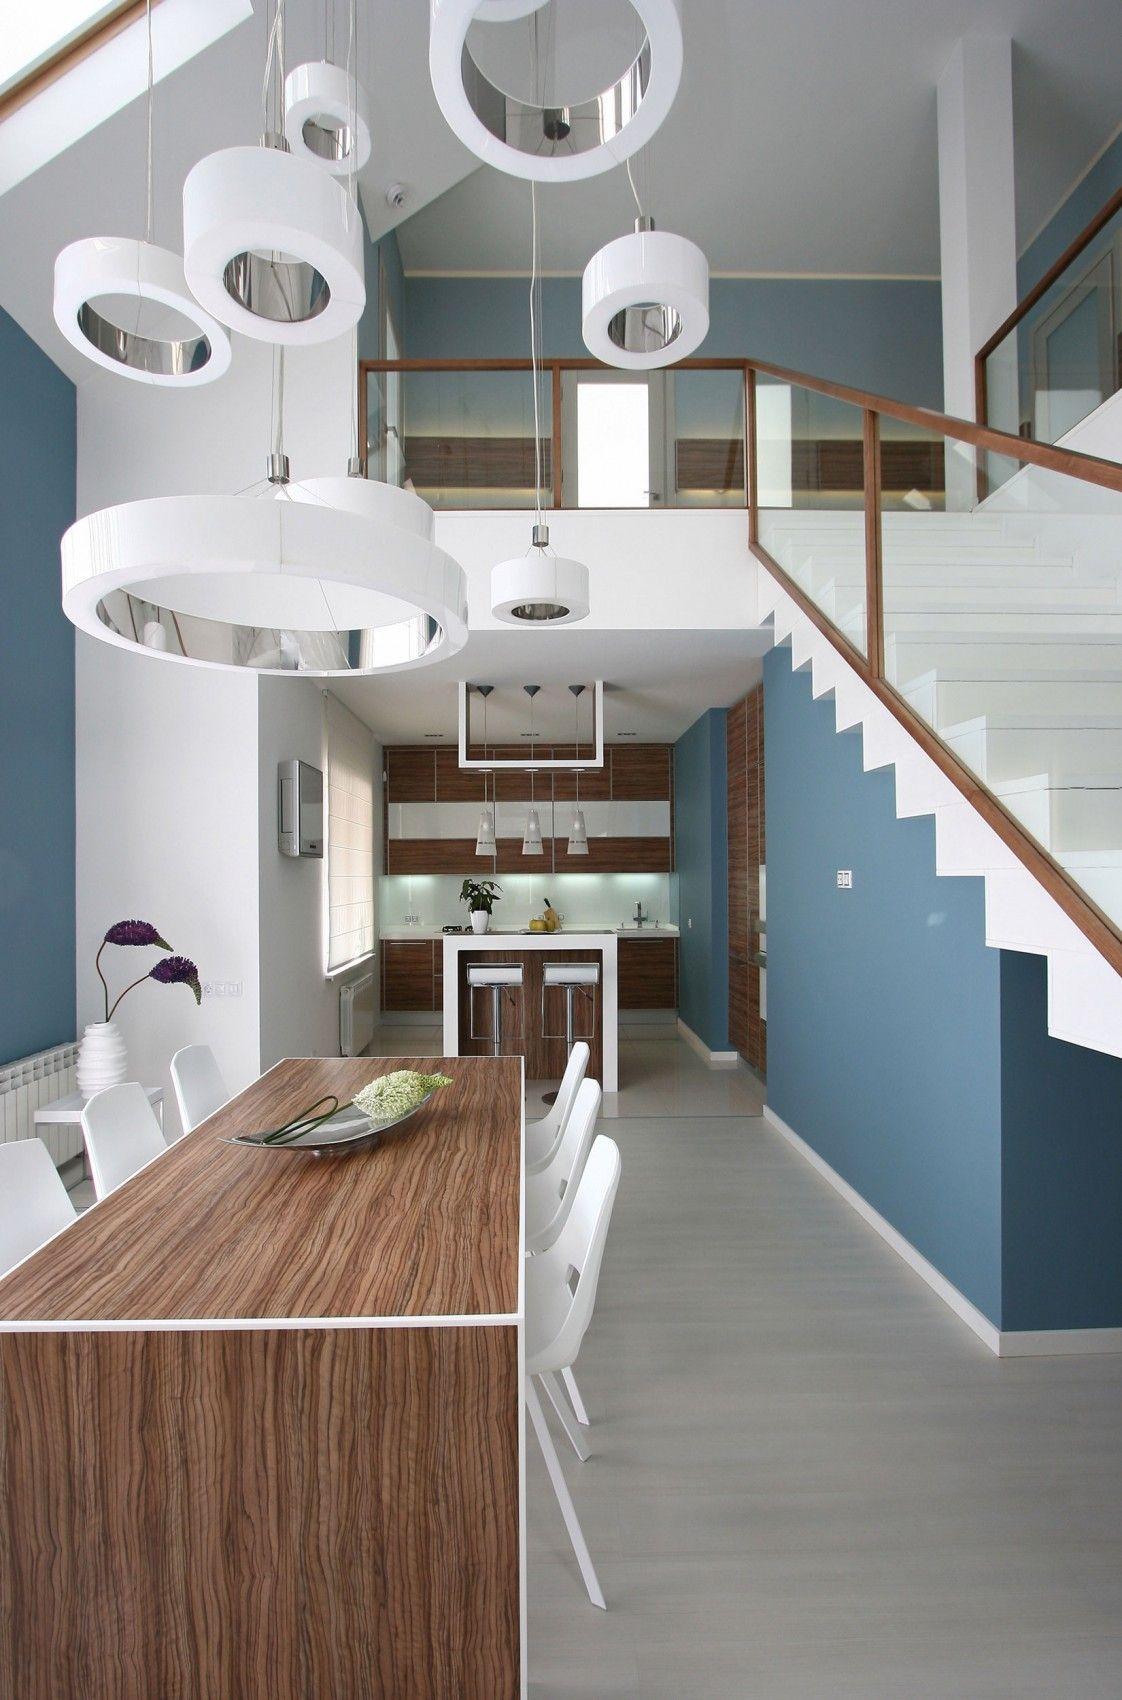 Maquetas De Casas Por Dentro Buscar Con Google Small House Design Plans My House Plans House Plans